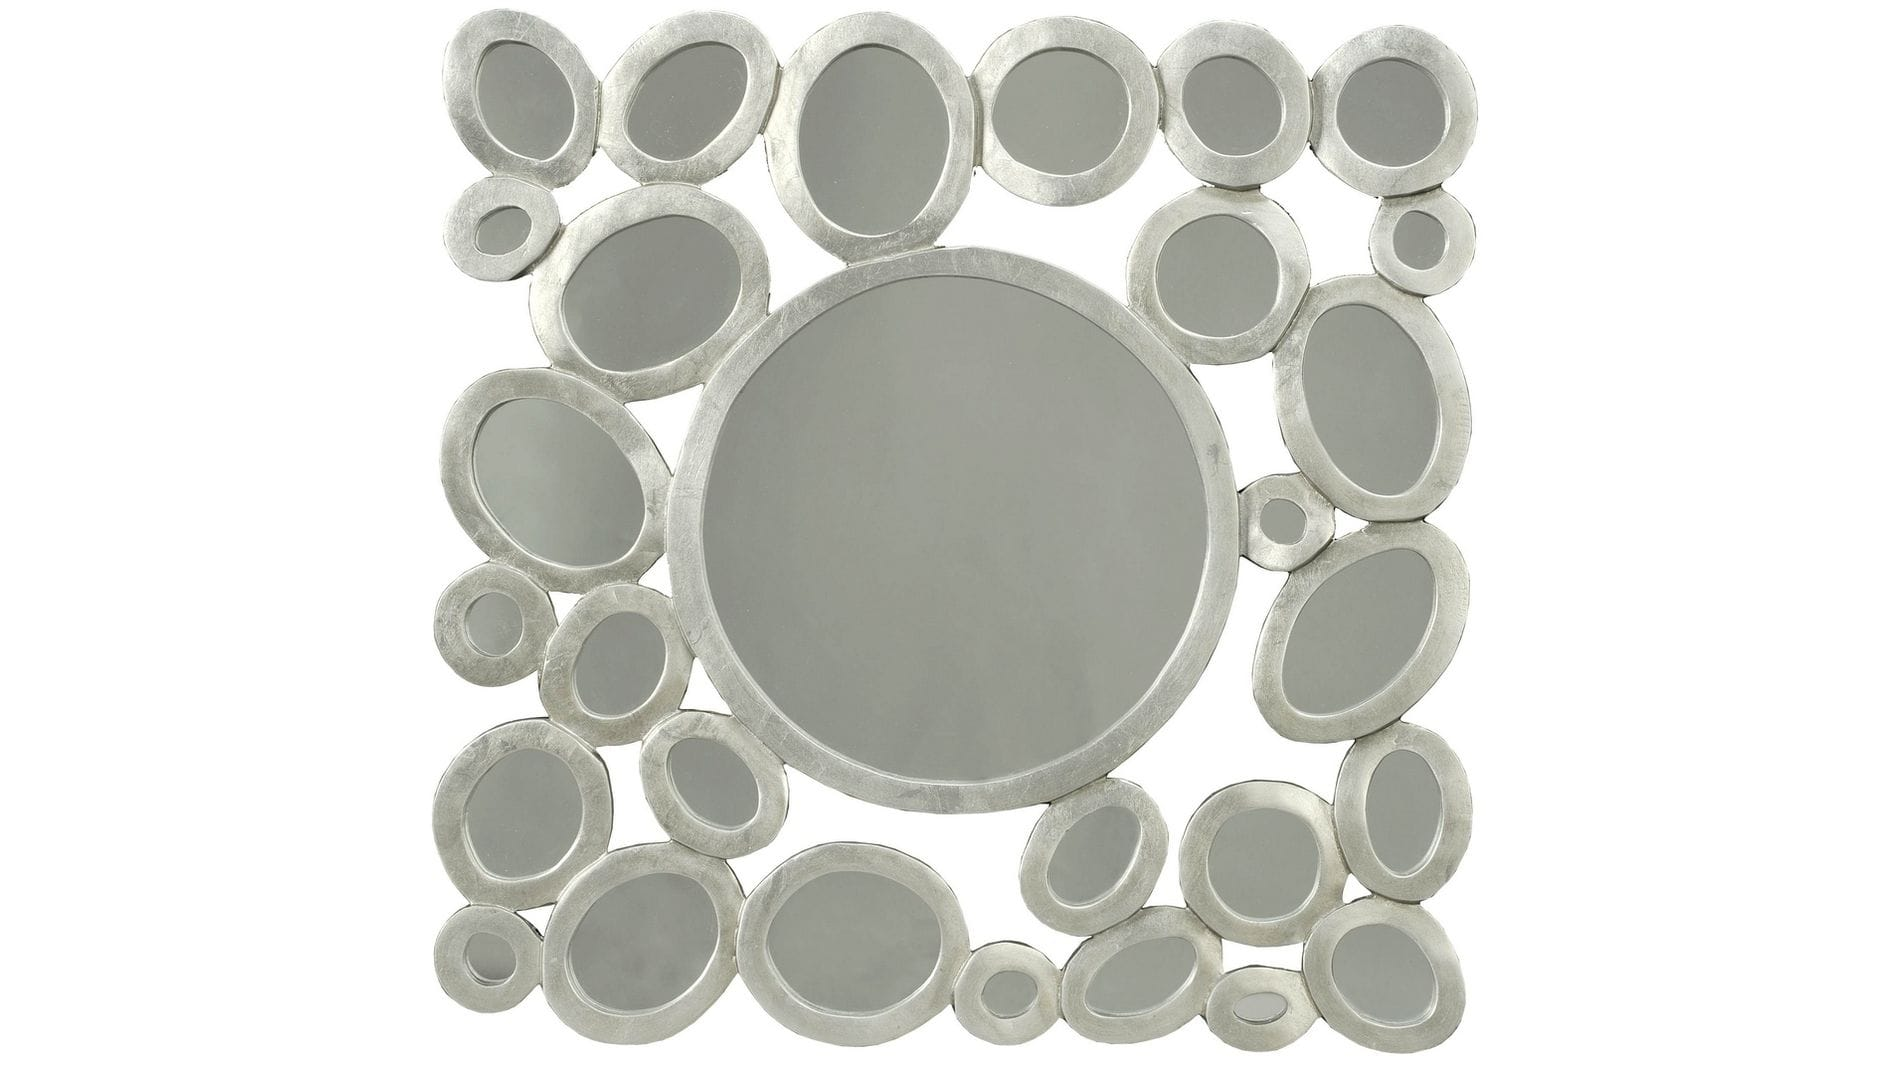 """Панно на стену """" Кольца с зеркалами квадрат """" 80*80 см."""